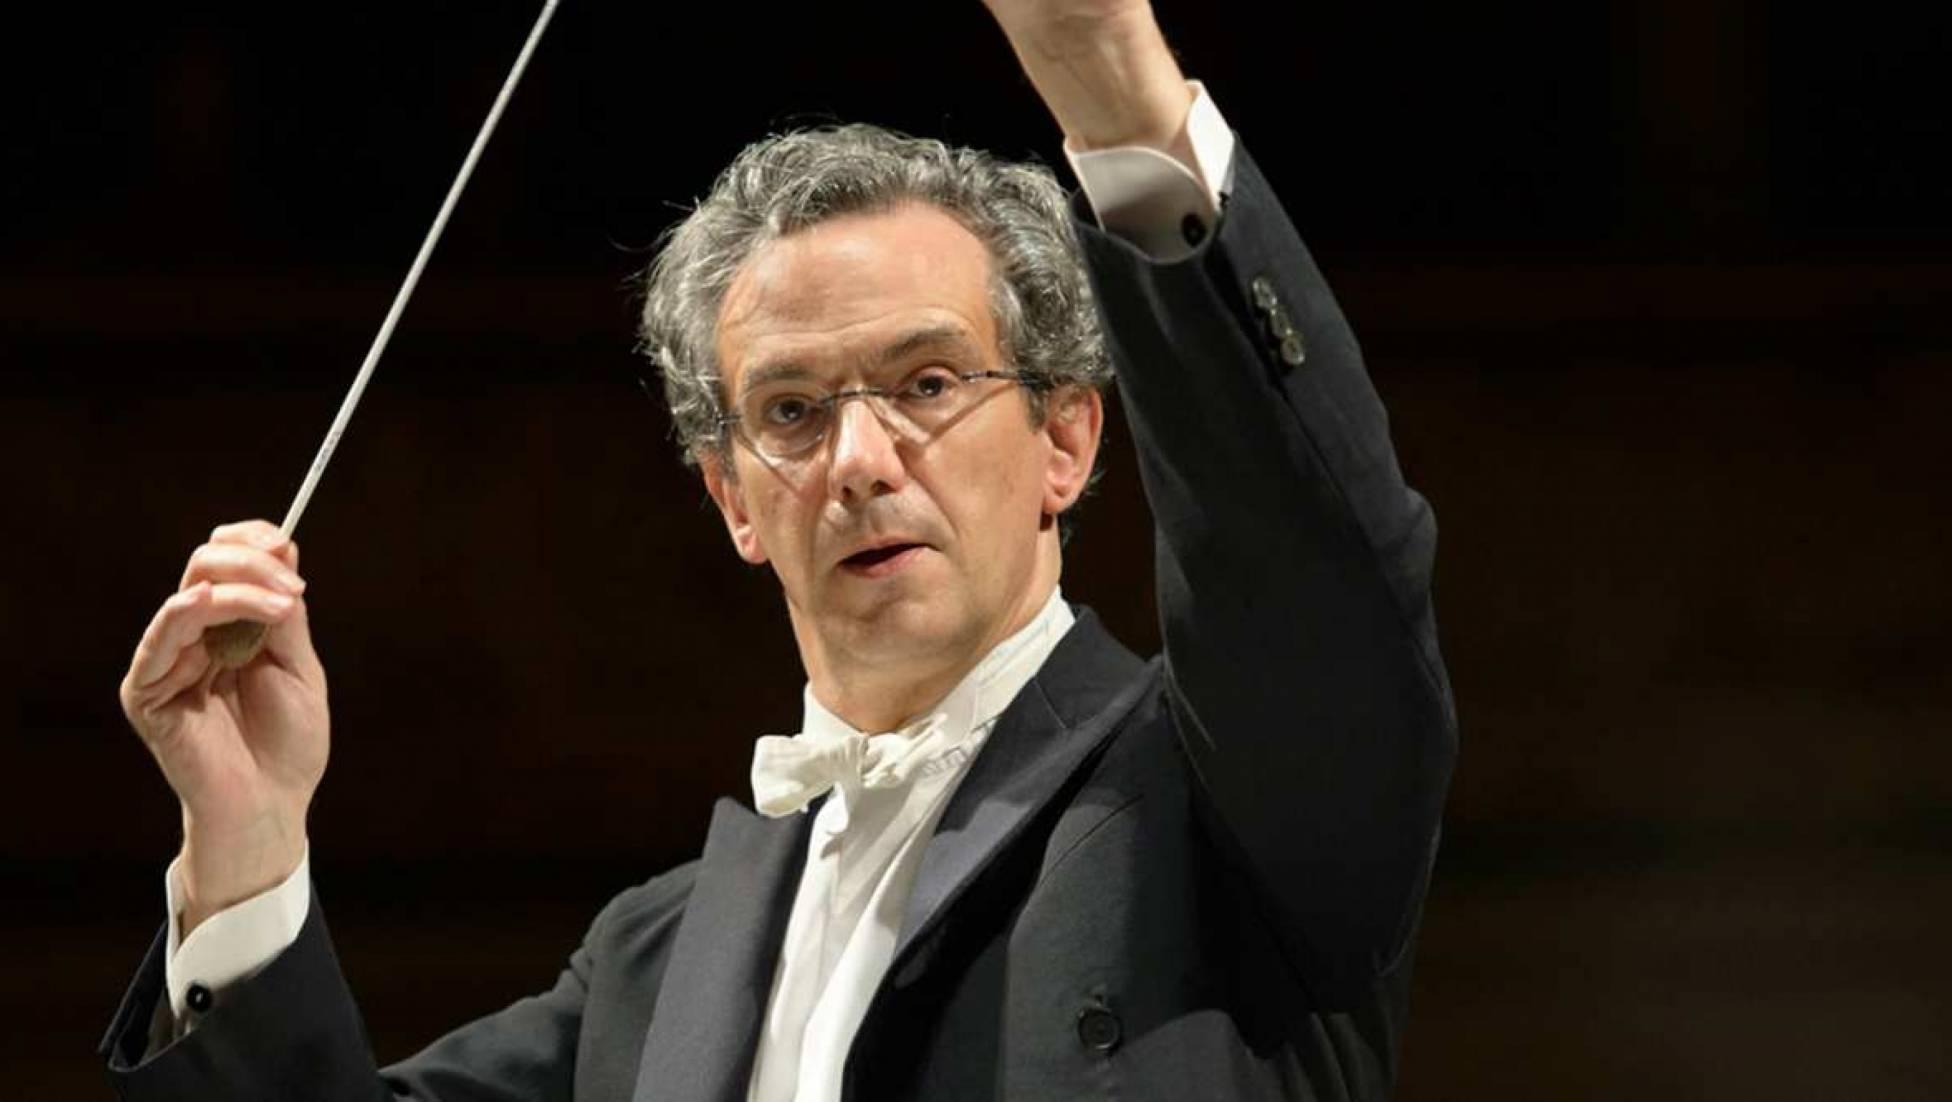 Concertgebouworkest Entrée-only: Eine Alpensinfonie